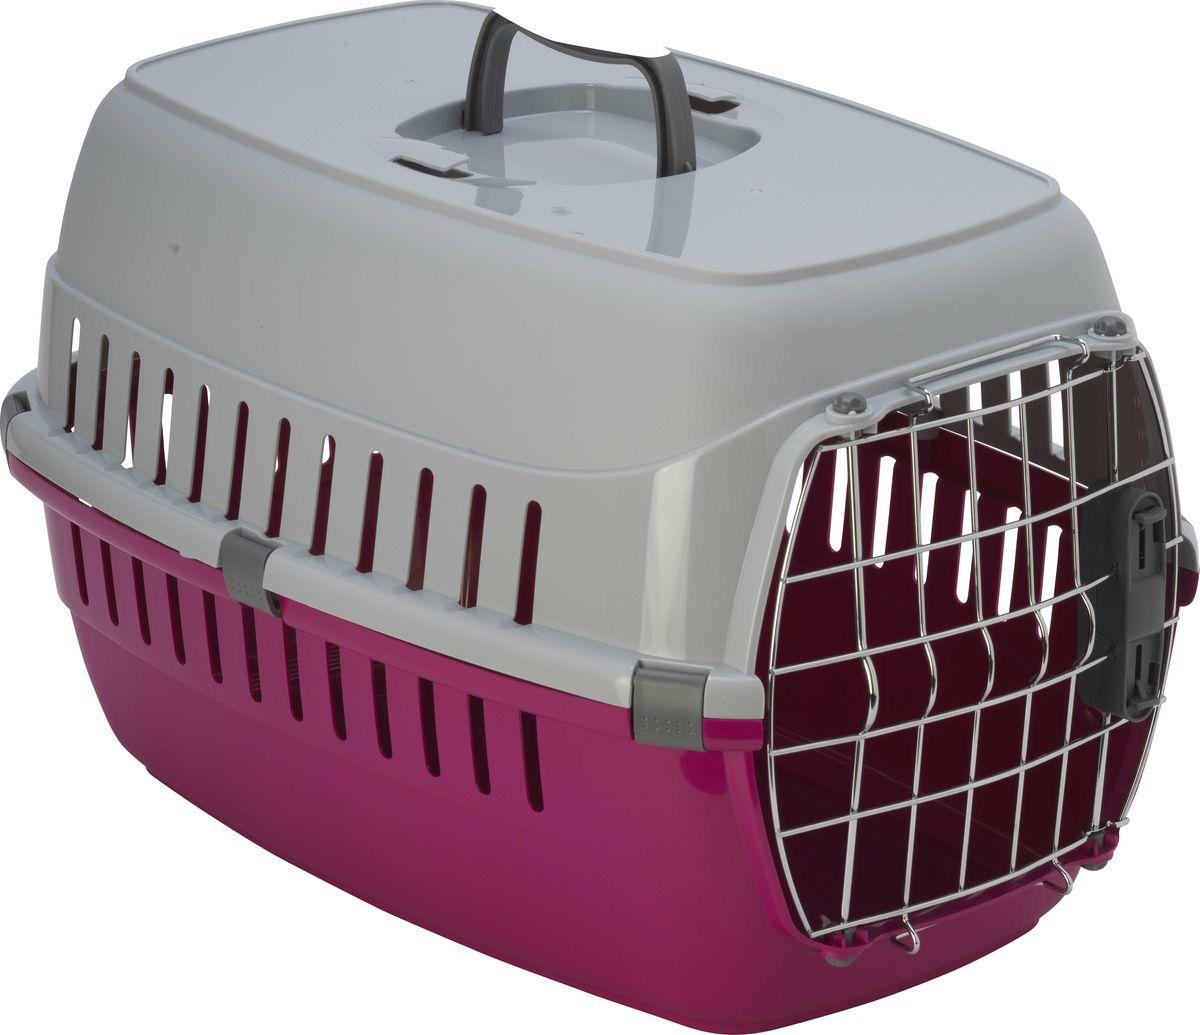 Переноска для животных Moderna Roadrunner 2, для авиаперевозок, замок IATA, цвет: ярко-розовый, 58 x 35 x 37 см oem diy 45 x 35 45x35cm